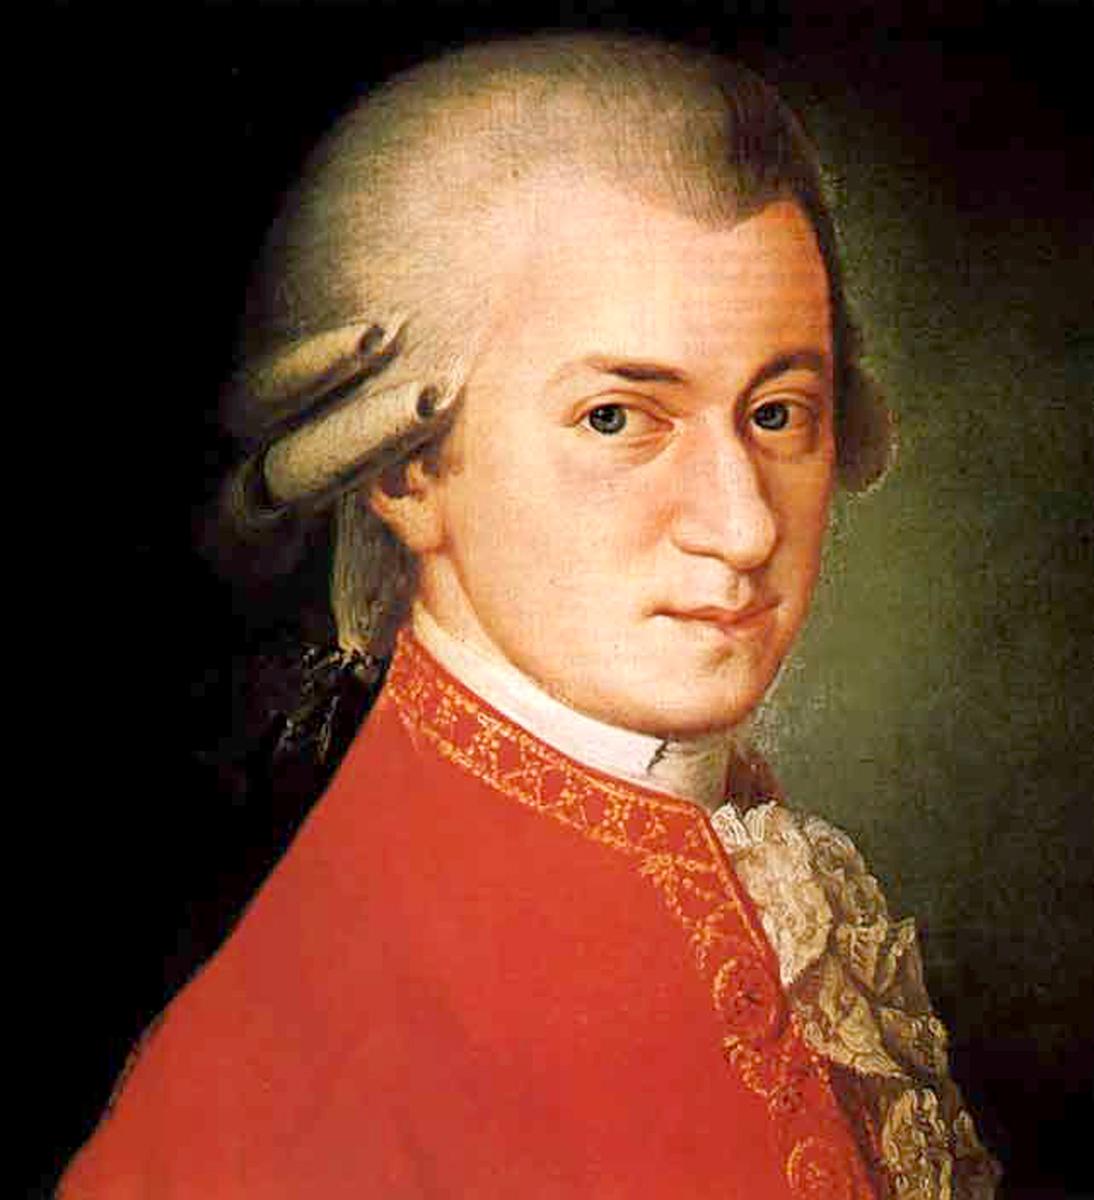 Obra completa de Mozart para Download